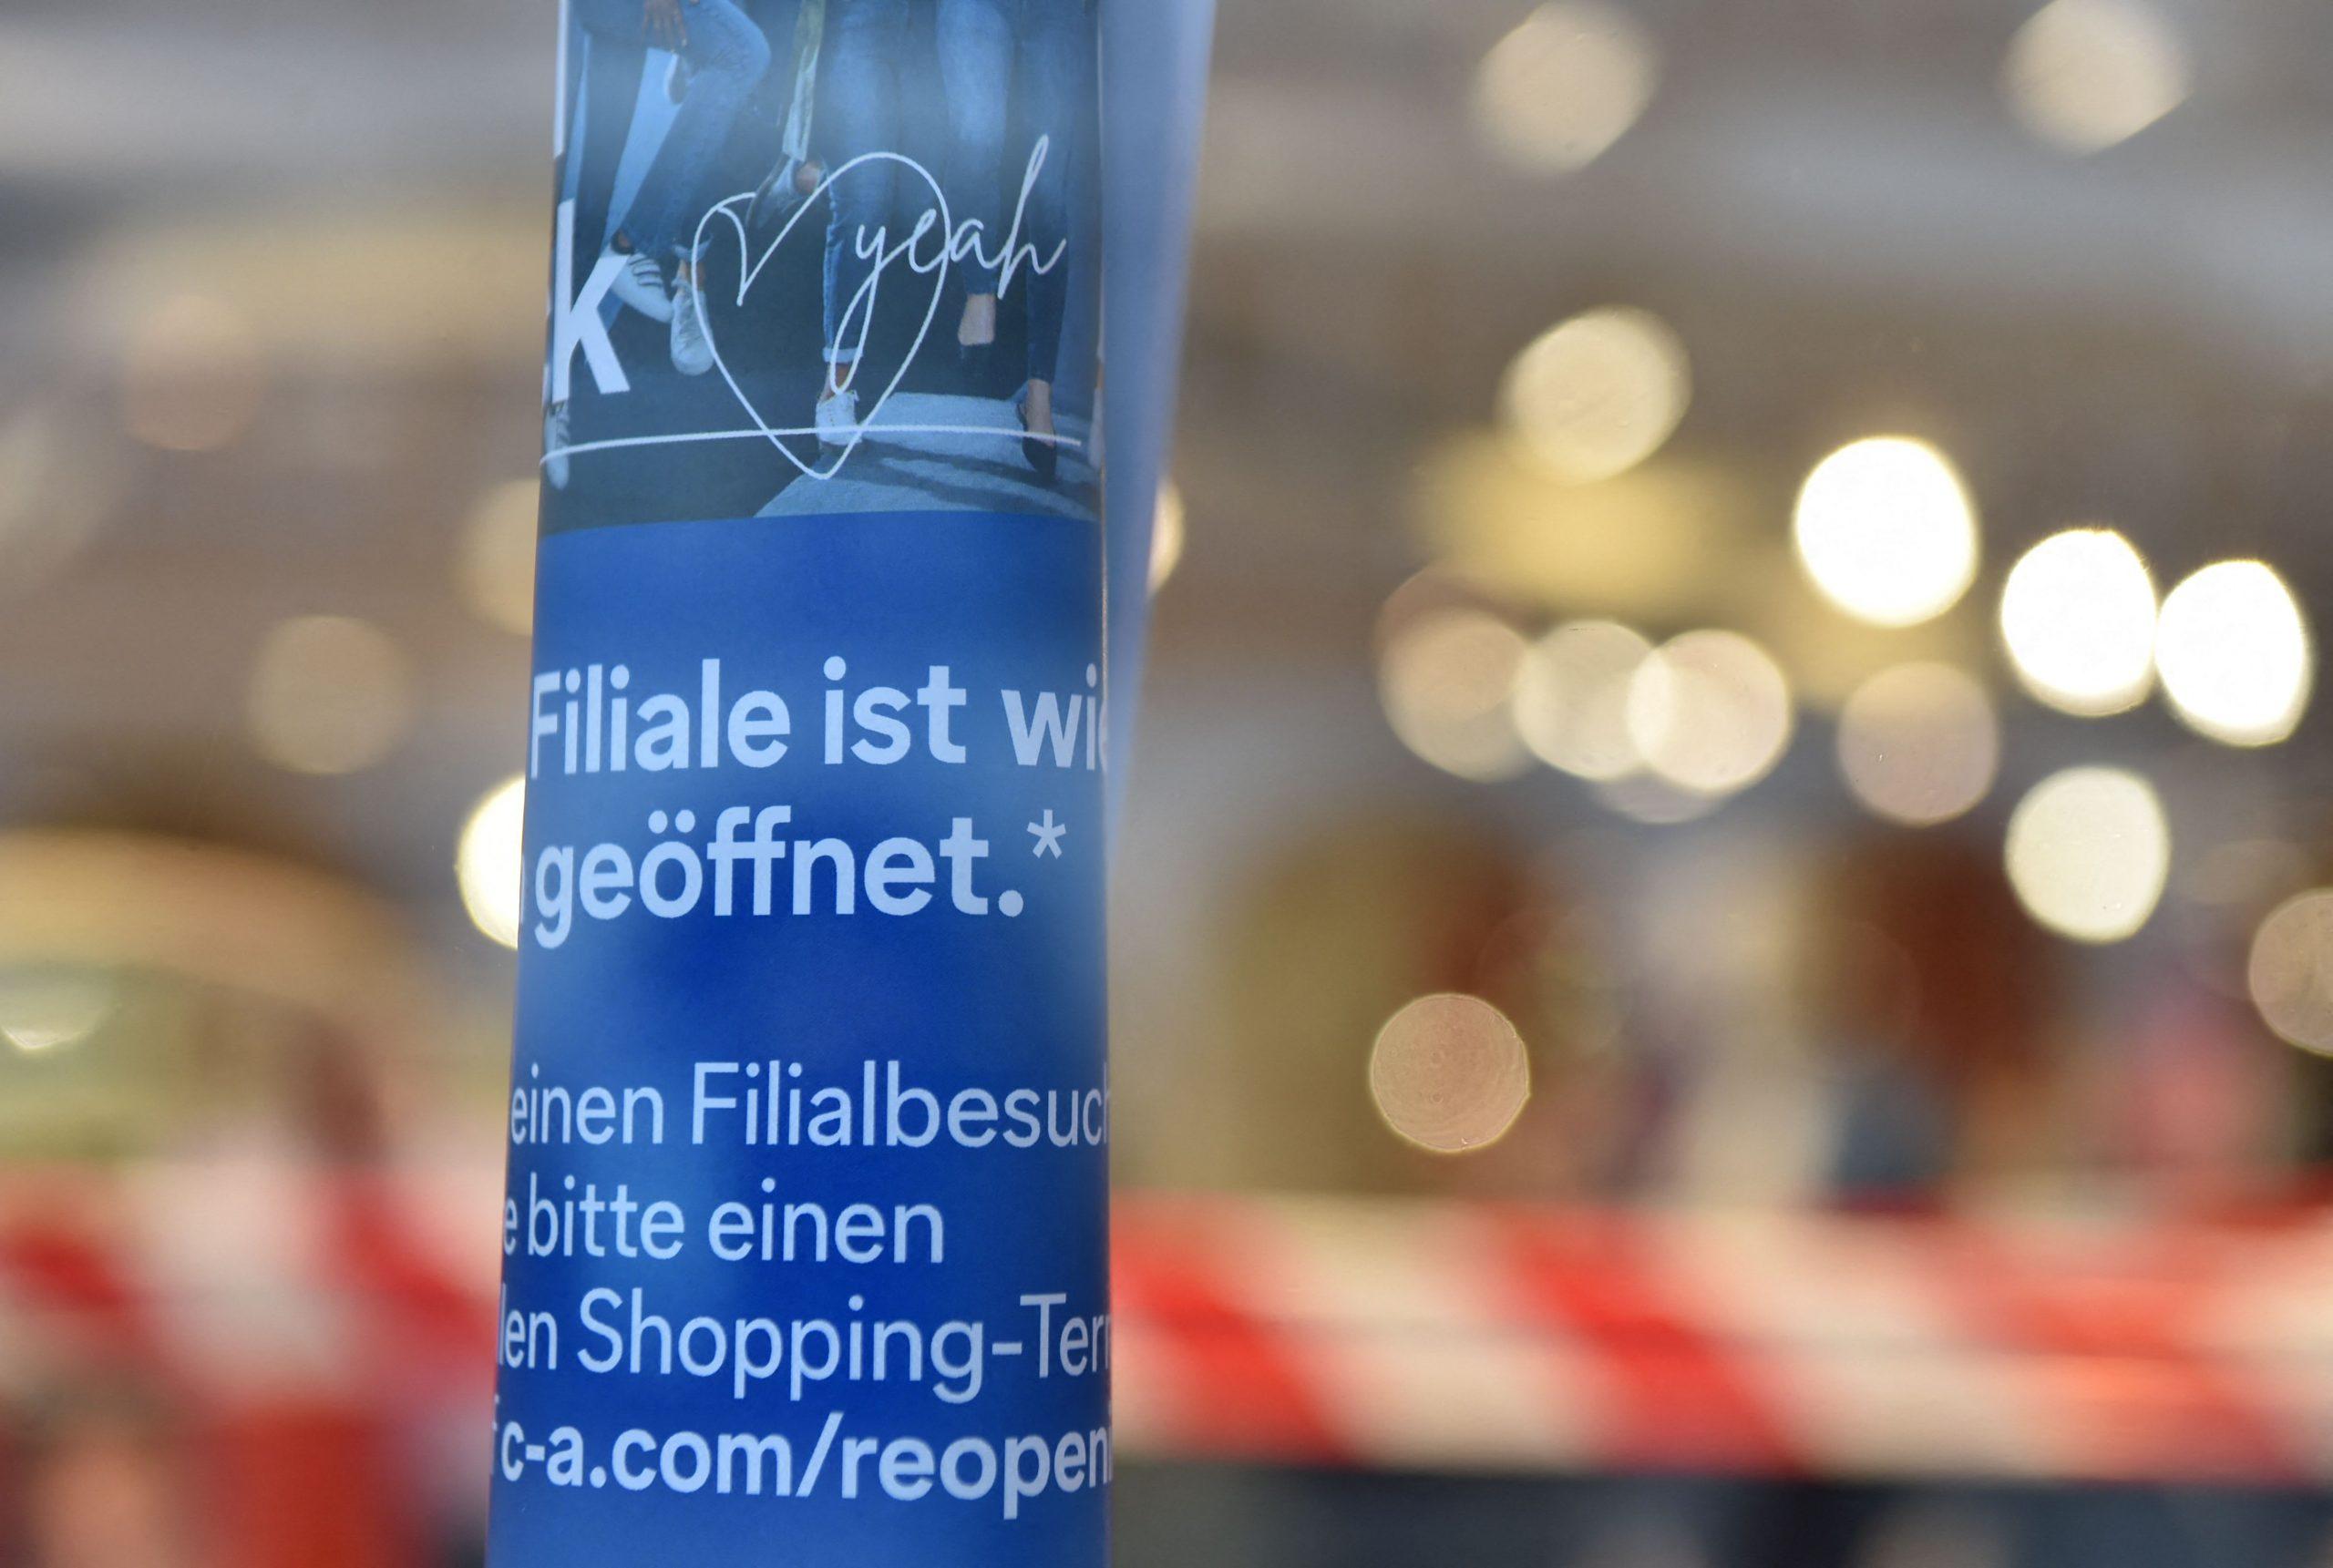 Corona-Regeln: OVG Saarland hebt Quadratmeter-Vorgabe für Einzelhandel auf